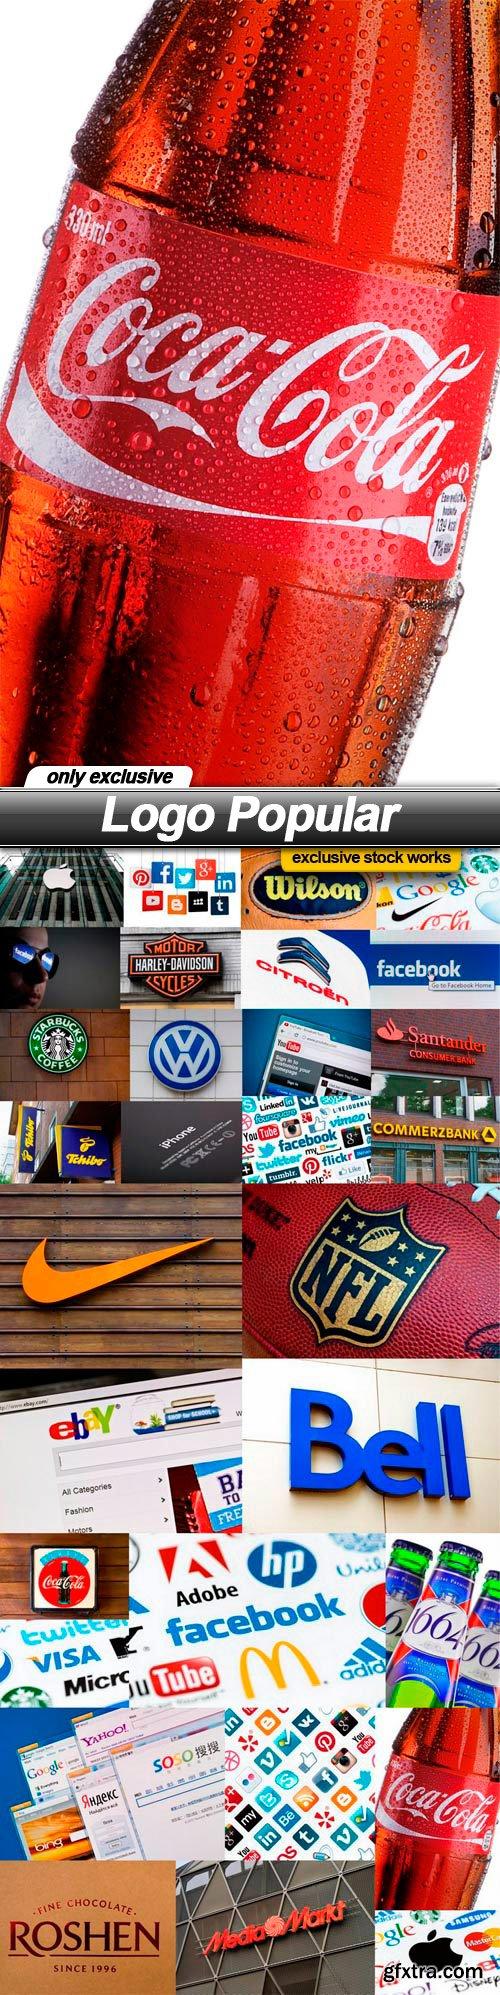 Logo Popular - 30 UHQ JPEG